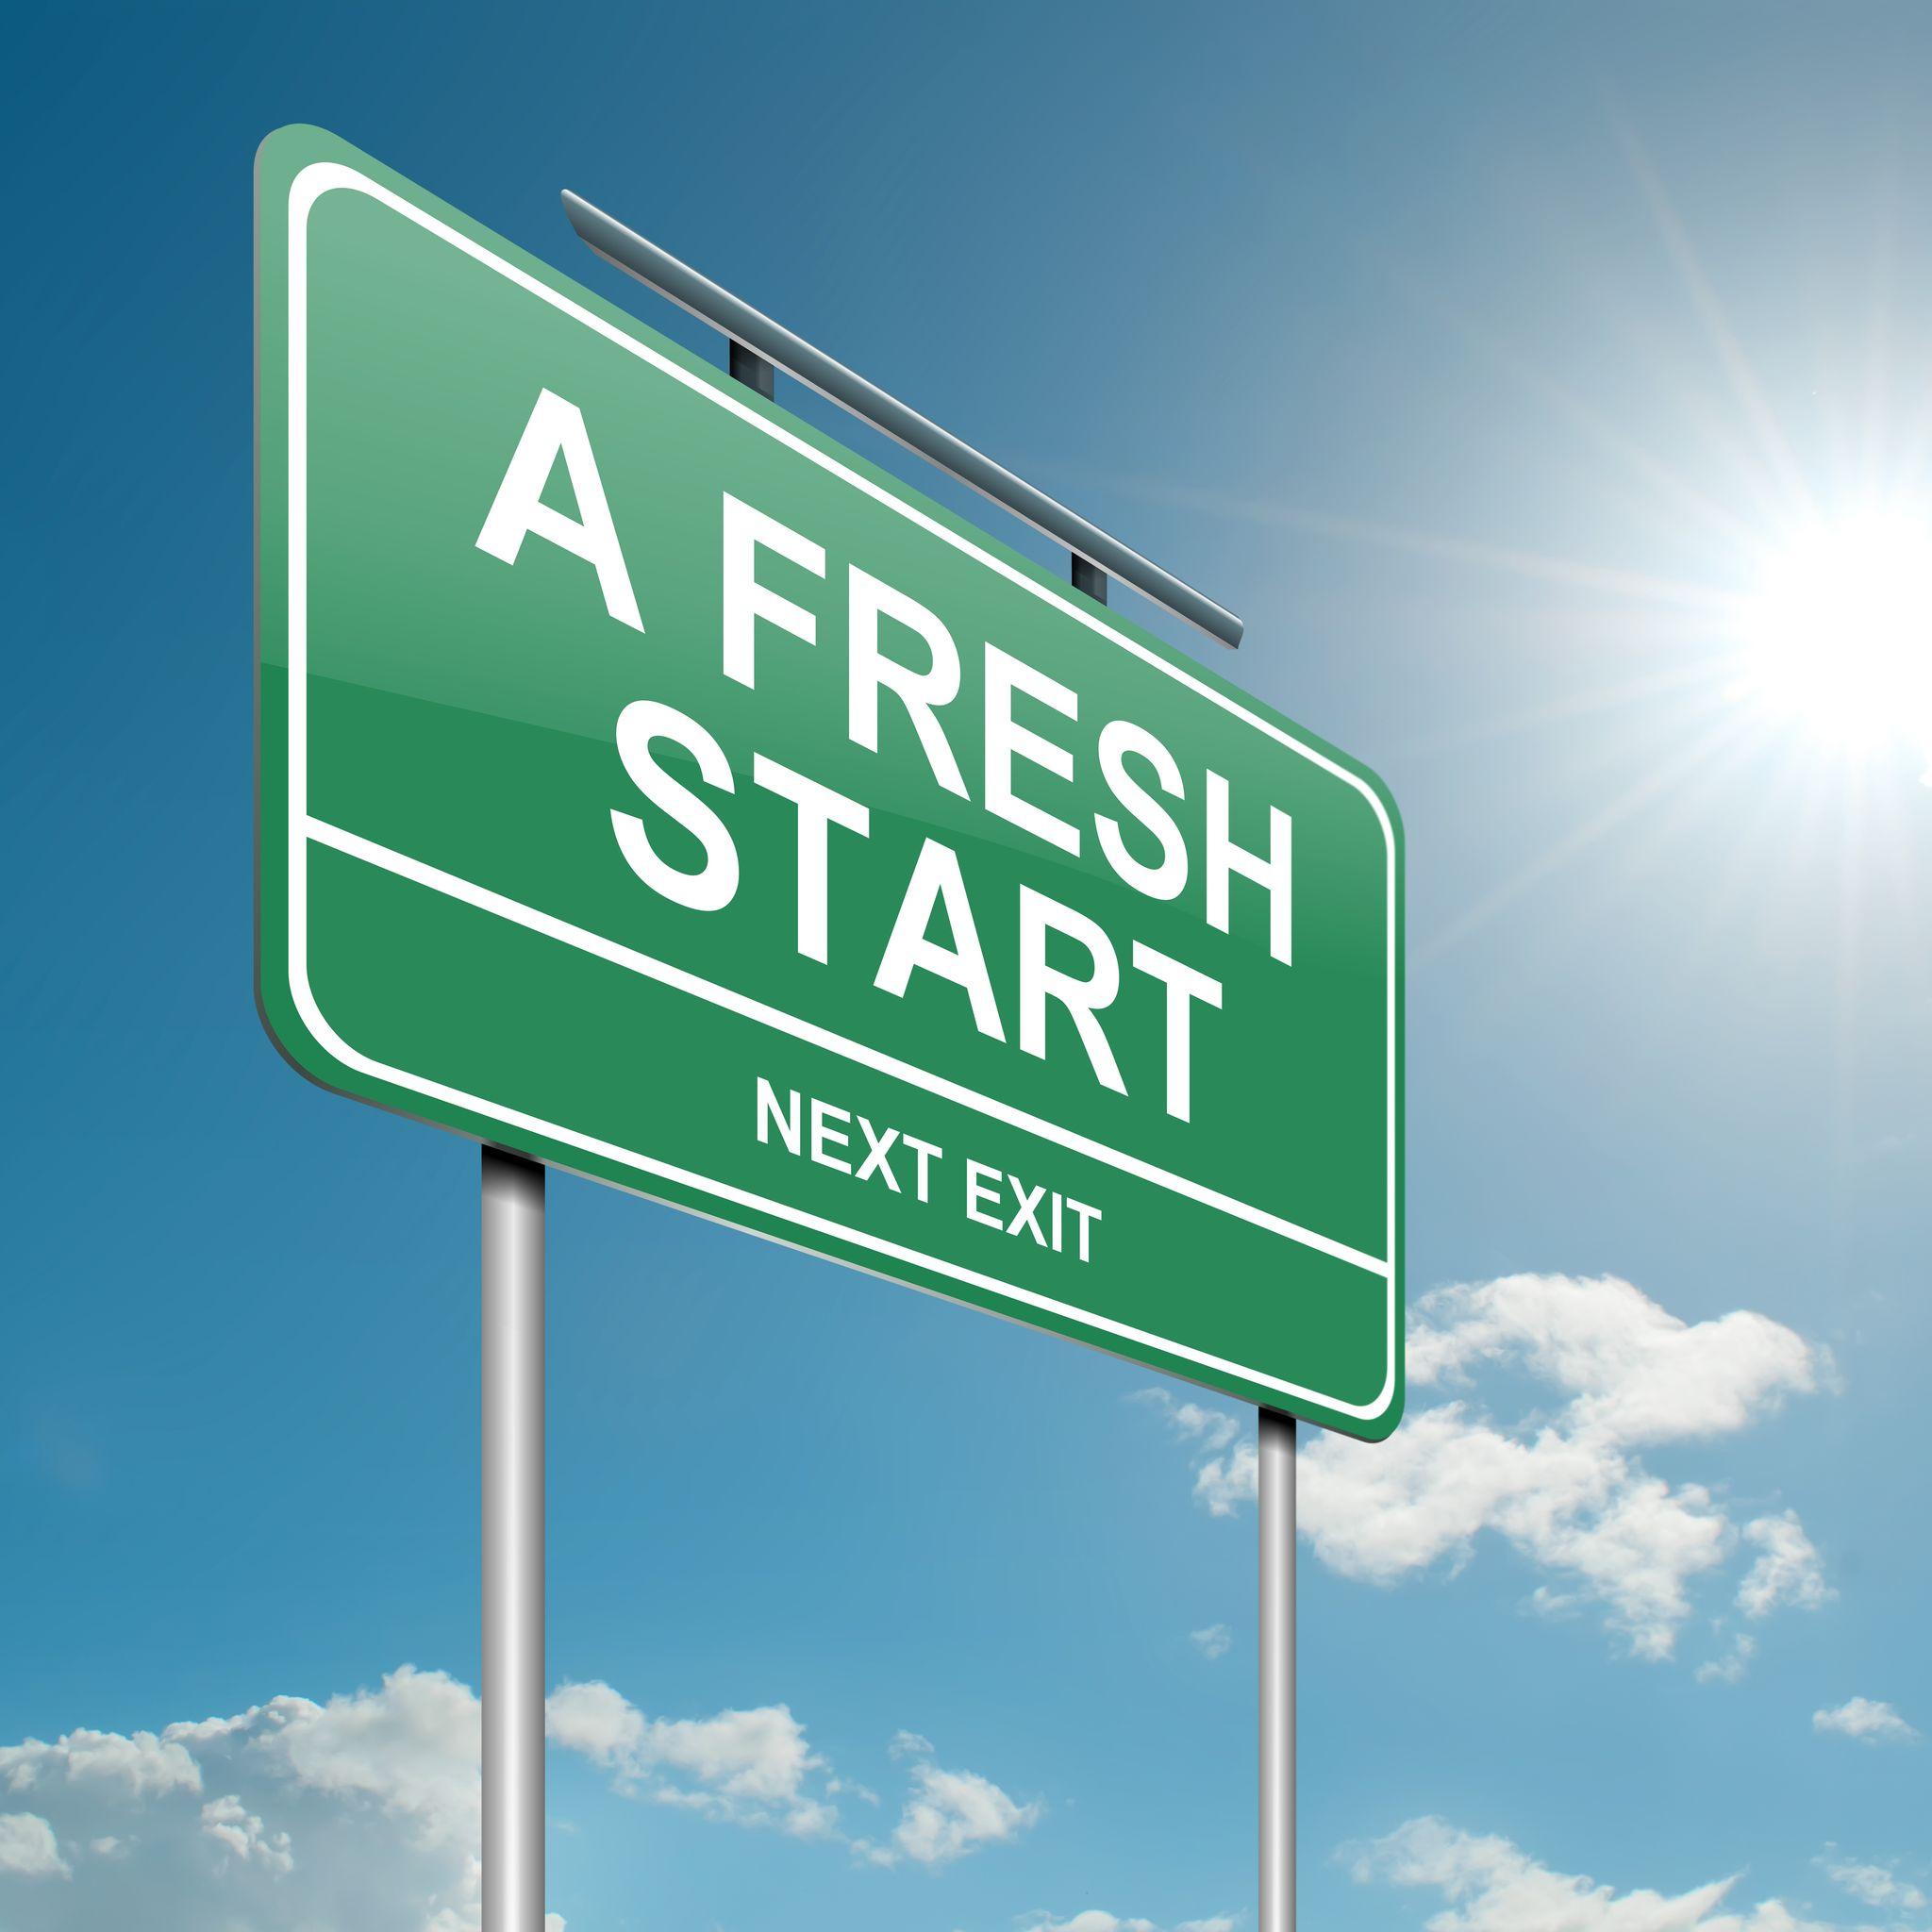 freshstart